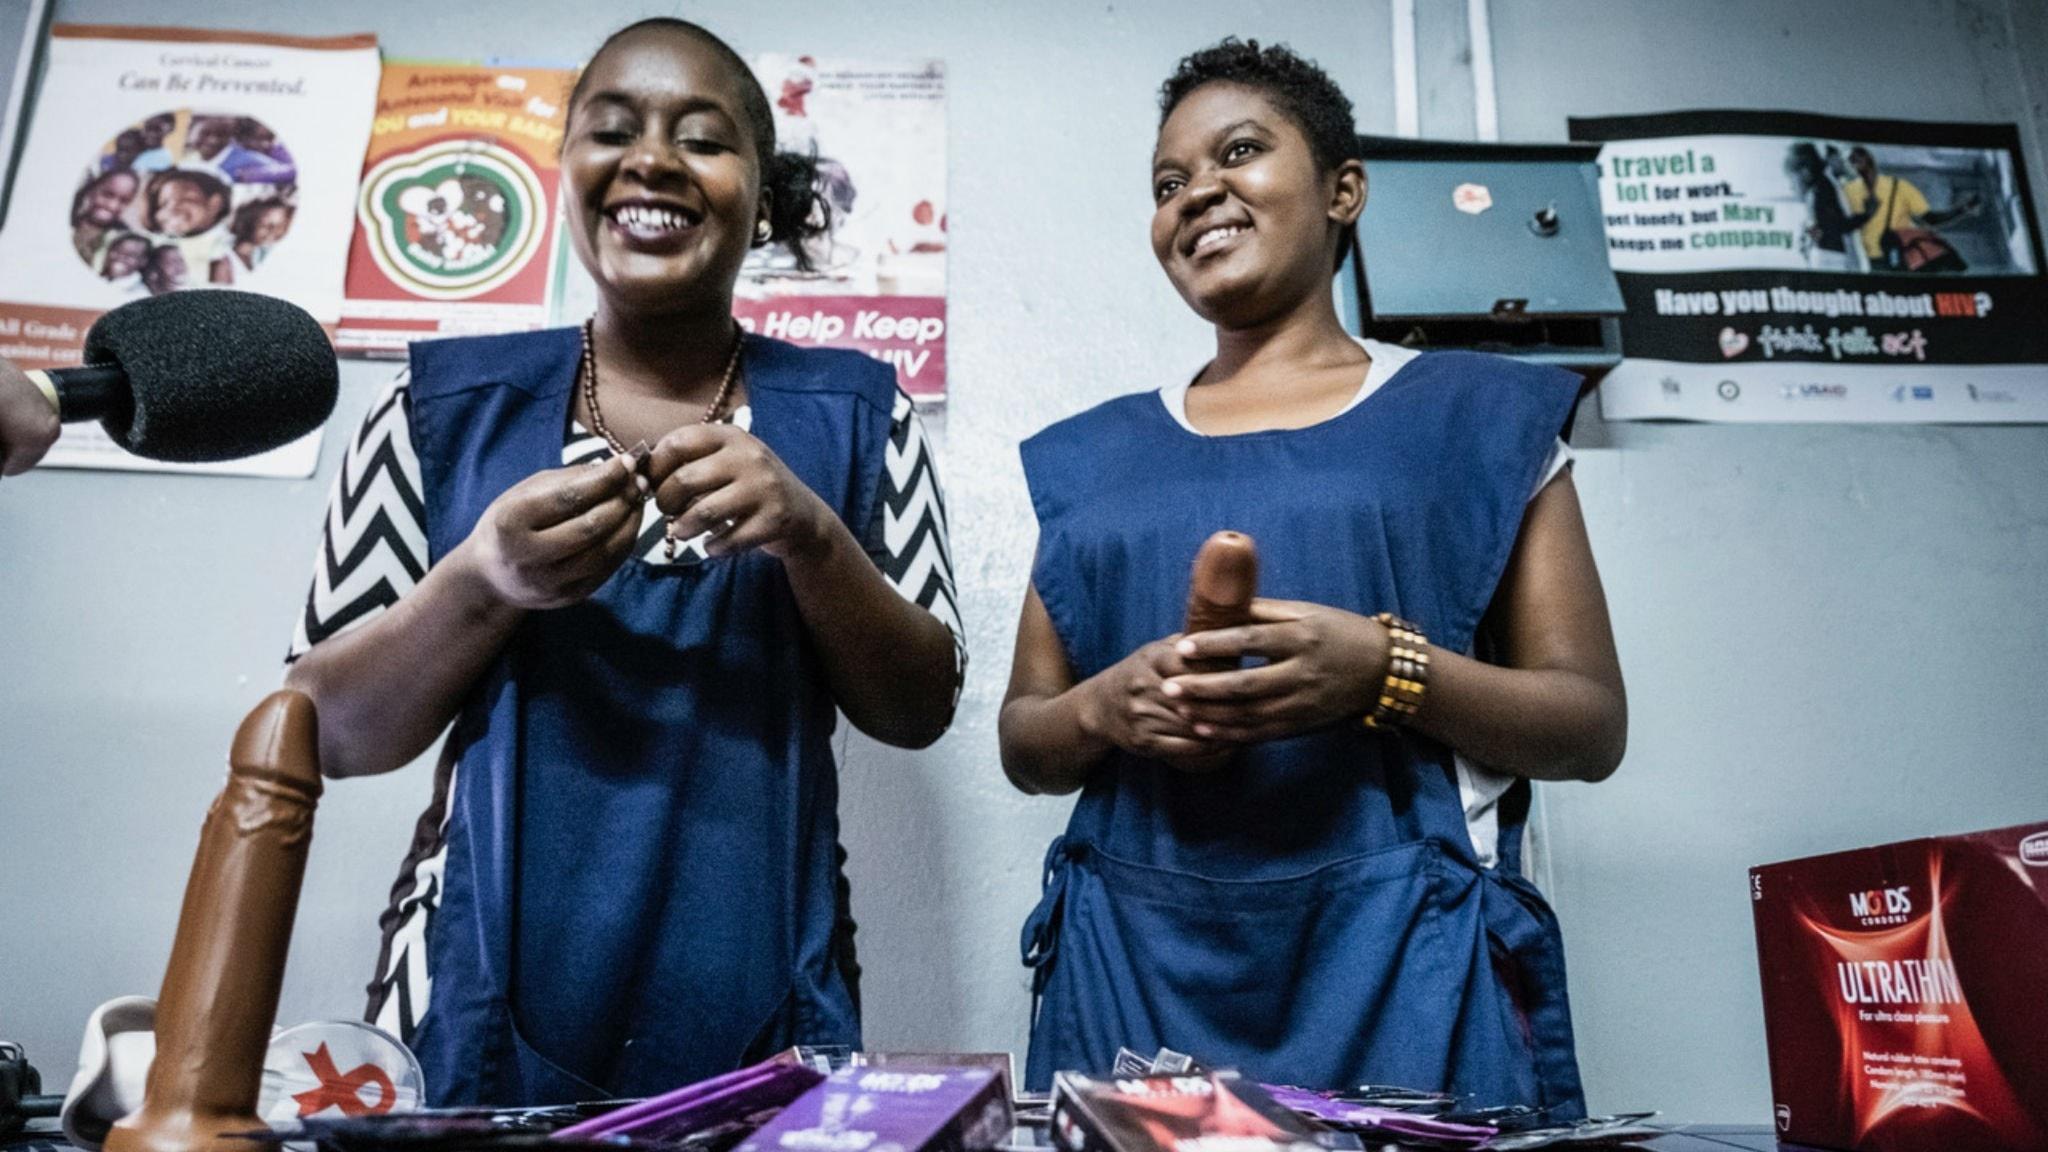 Två peer supporters i färd med att demonstrera hur man sätter på en kondom på en penisattrapp.